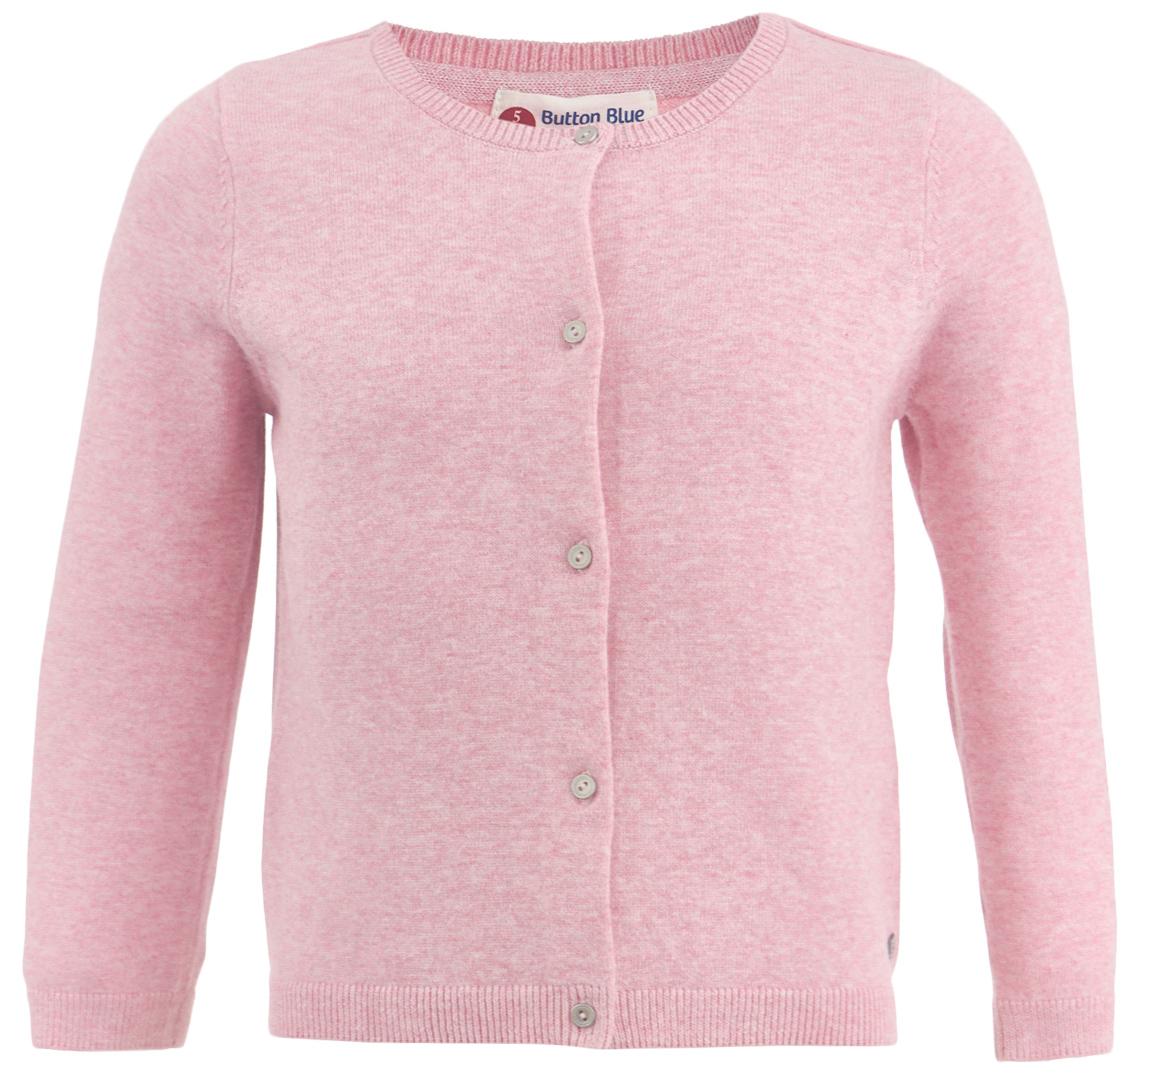 Кардиган для девочки Button Blue, цвет: розовый. 217BBGC35011200. Размер 98, 3 года217BBGC35011200Вязаный кардиган - классика жанра. Это базовый ассортимент, не утративший своей актуальности на протяжении многих лет. Спокойная свободная форма, мягкий силуэт делают кардиган отличным дополнением к любому комплекту с брюками или юбкой. Ваша желание купить детский кардиган недорого увенчается успехом, если вы обратите внимание на достойную модель от Button Blue. Молочный кардиган - отличный вариант для тех, кто ценит уют, комфорт и свободу движений.